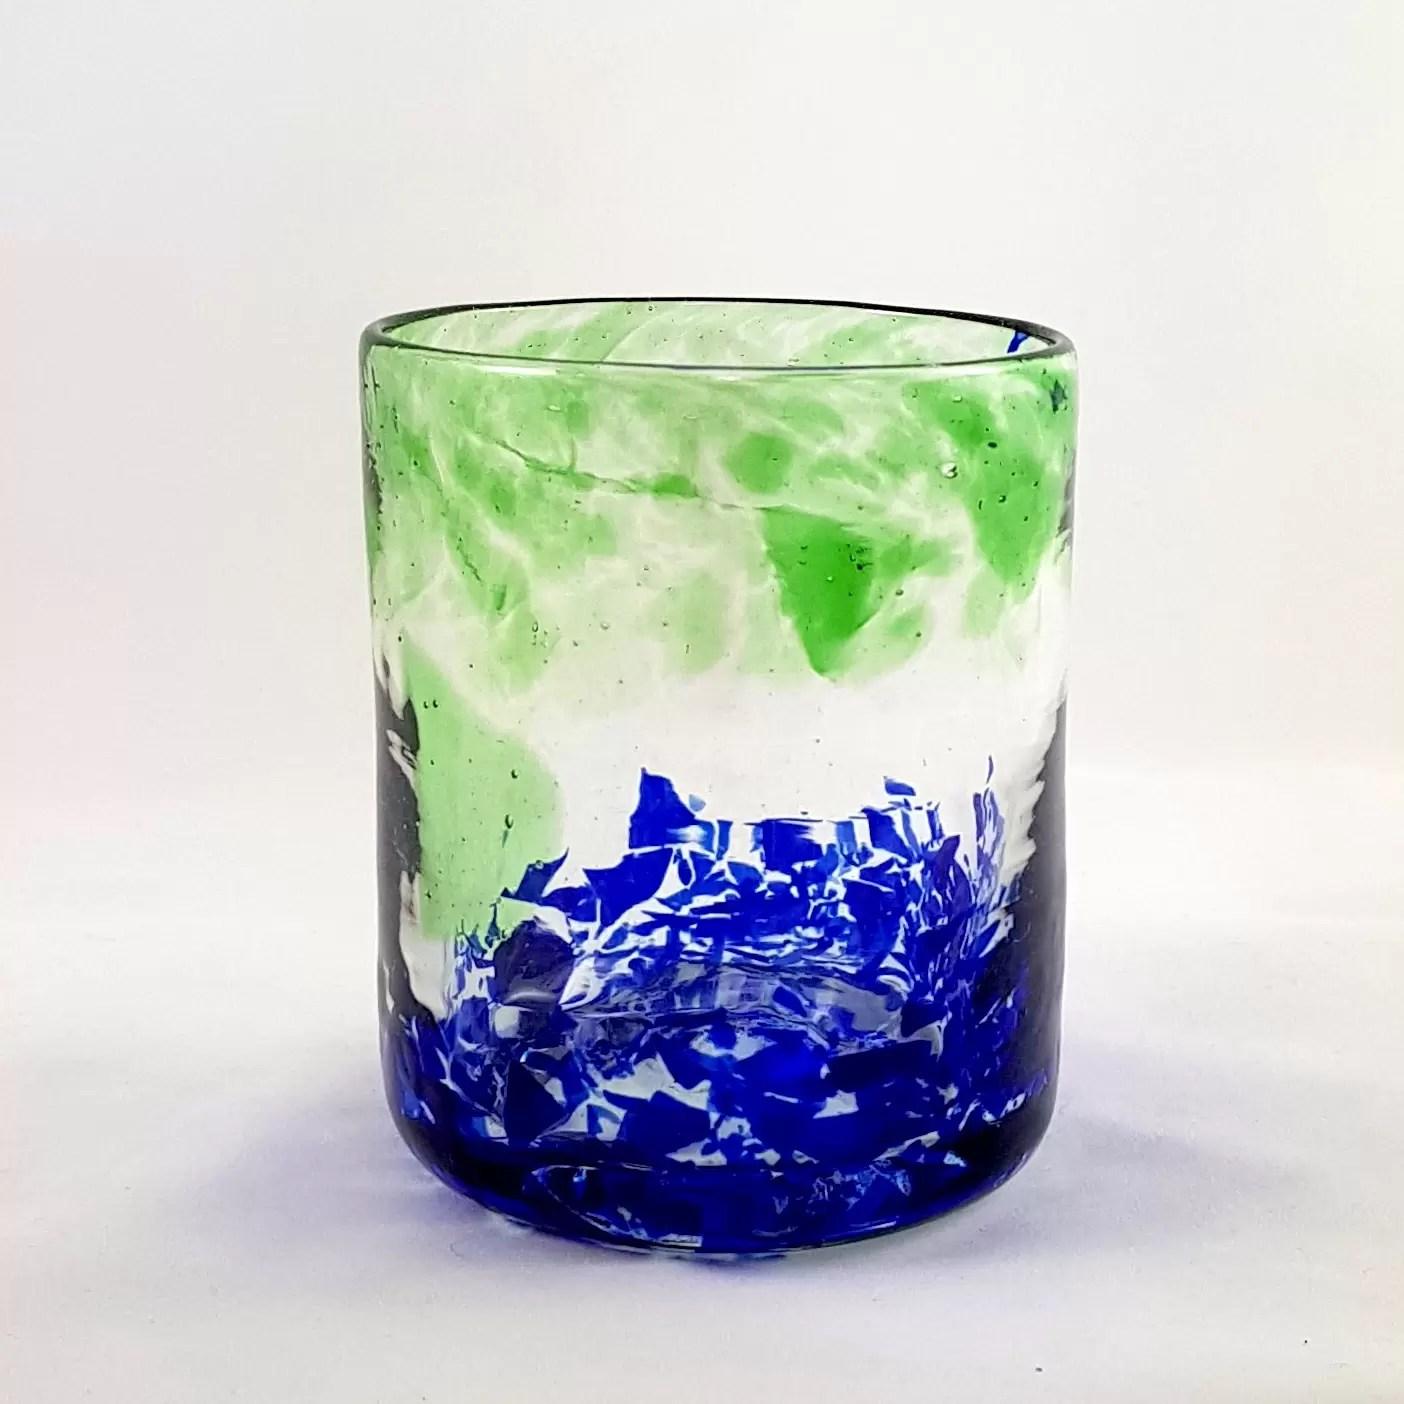 Vaso Verde Eclipse Cristal Glass Green Blue Lafiore.com  - Summertime auf Mallorca